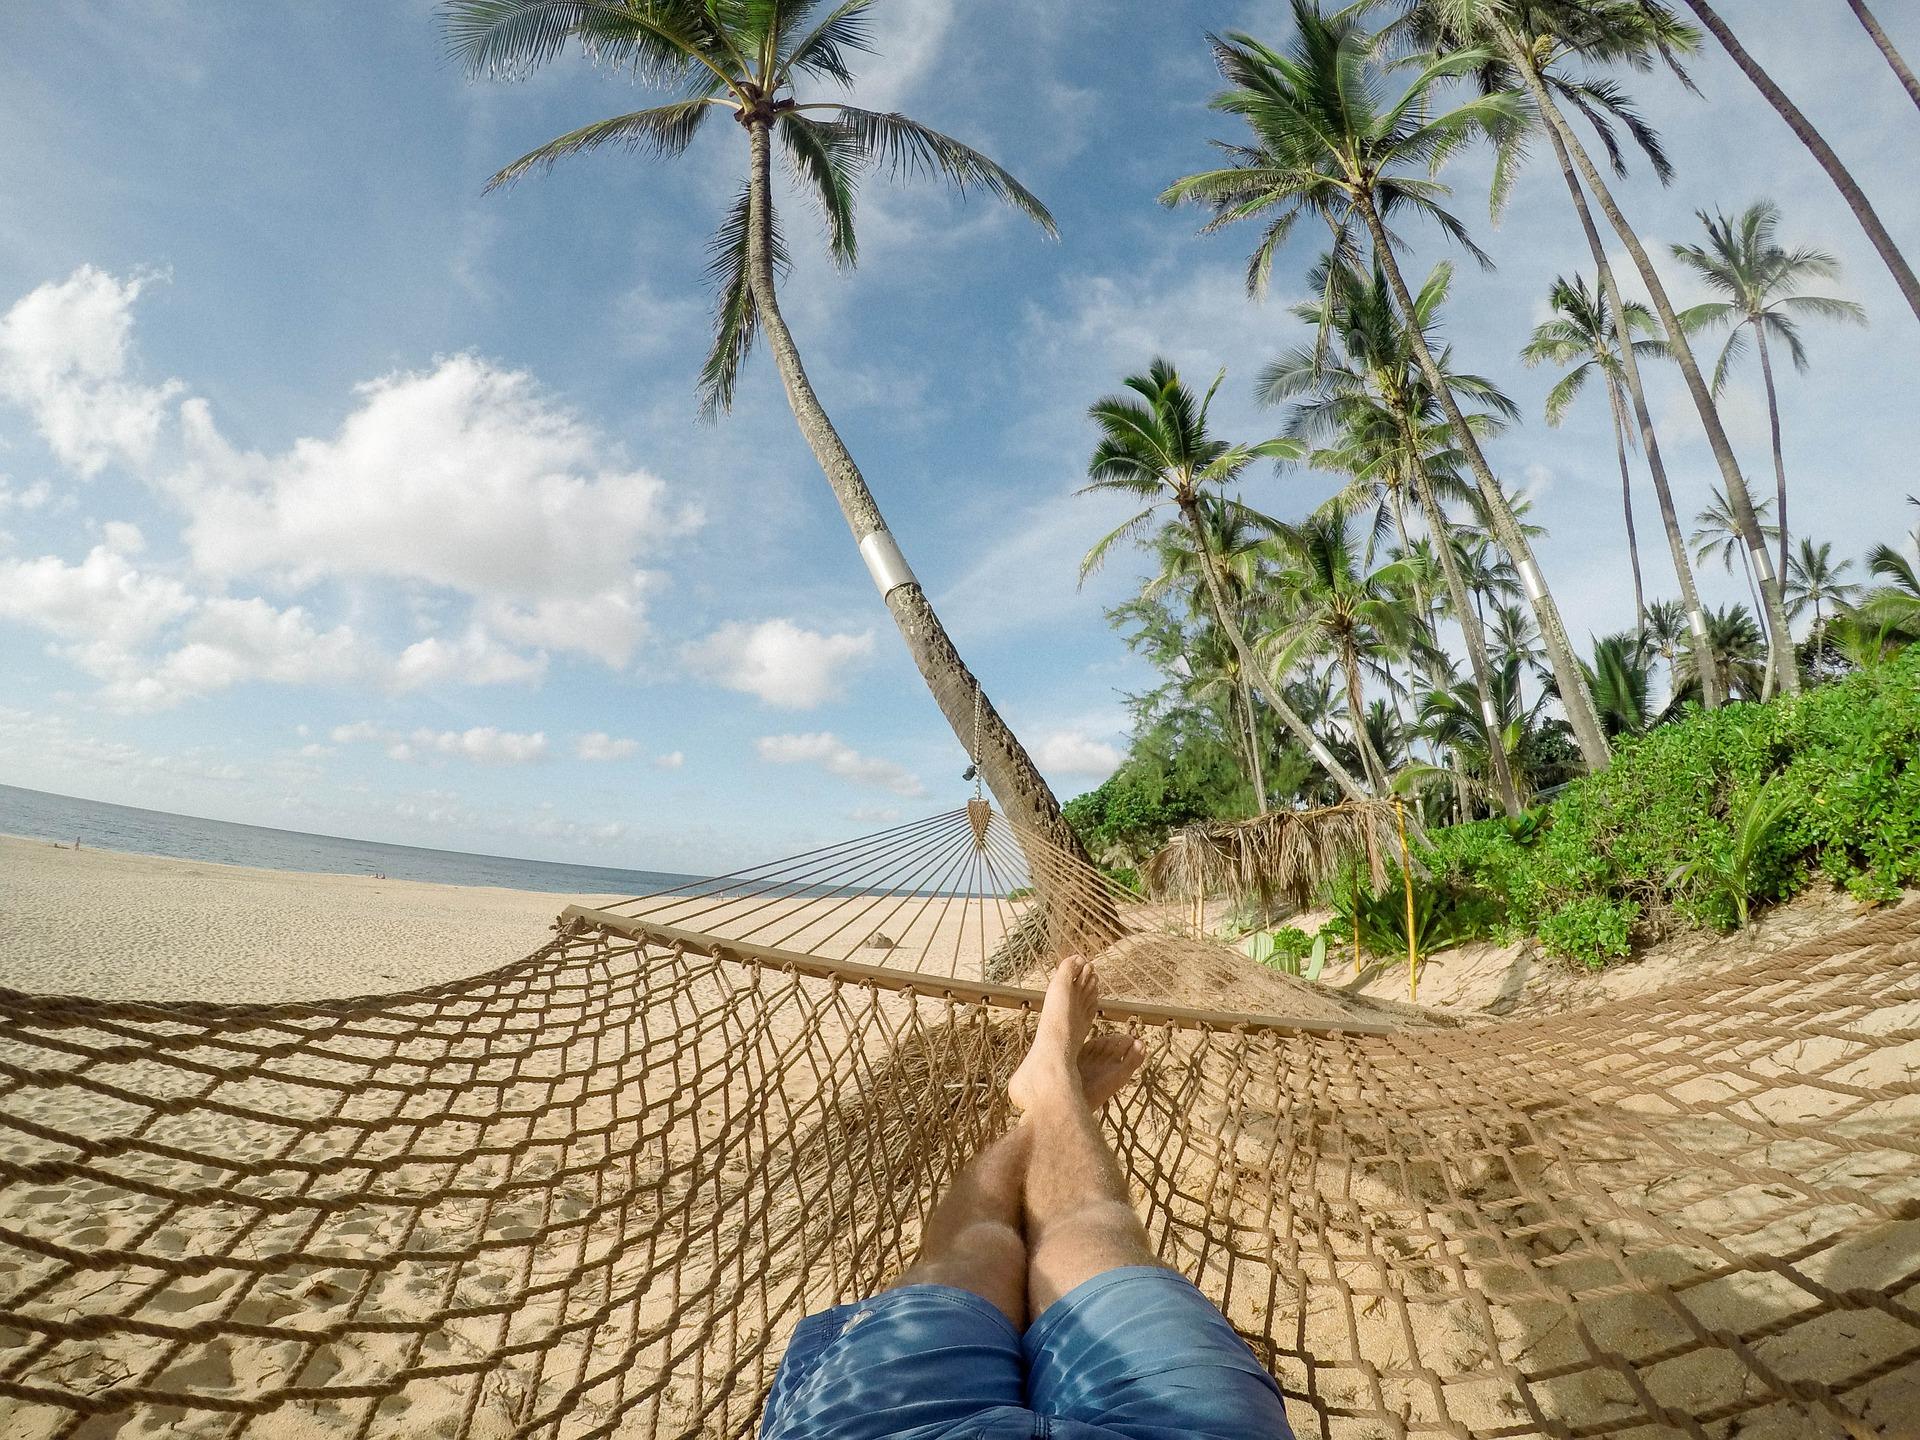 Vorsicht Moskito: Mit diesen Tipps kannst du im Urlaub entspannen!